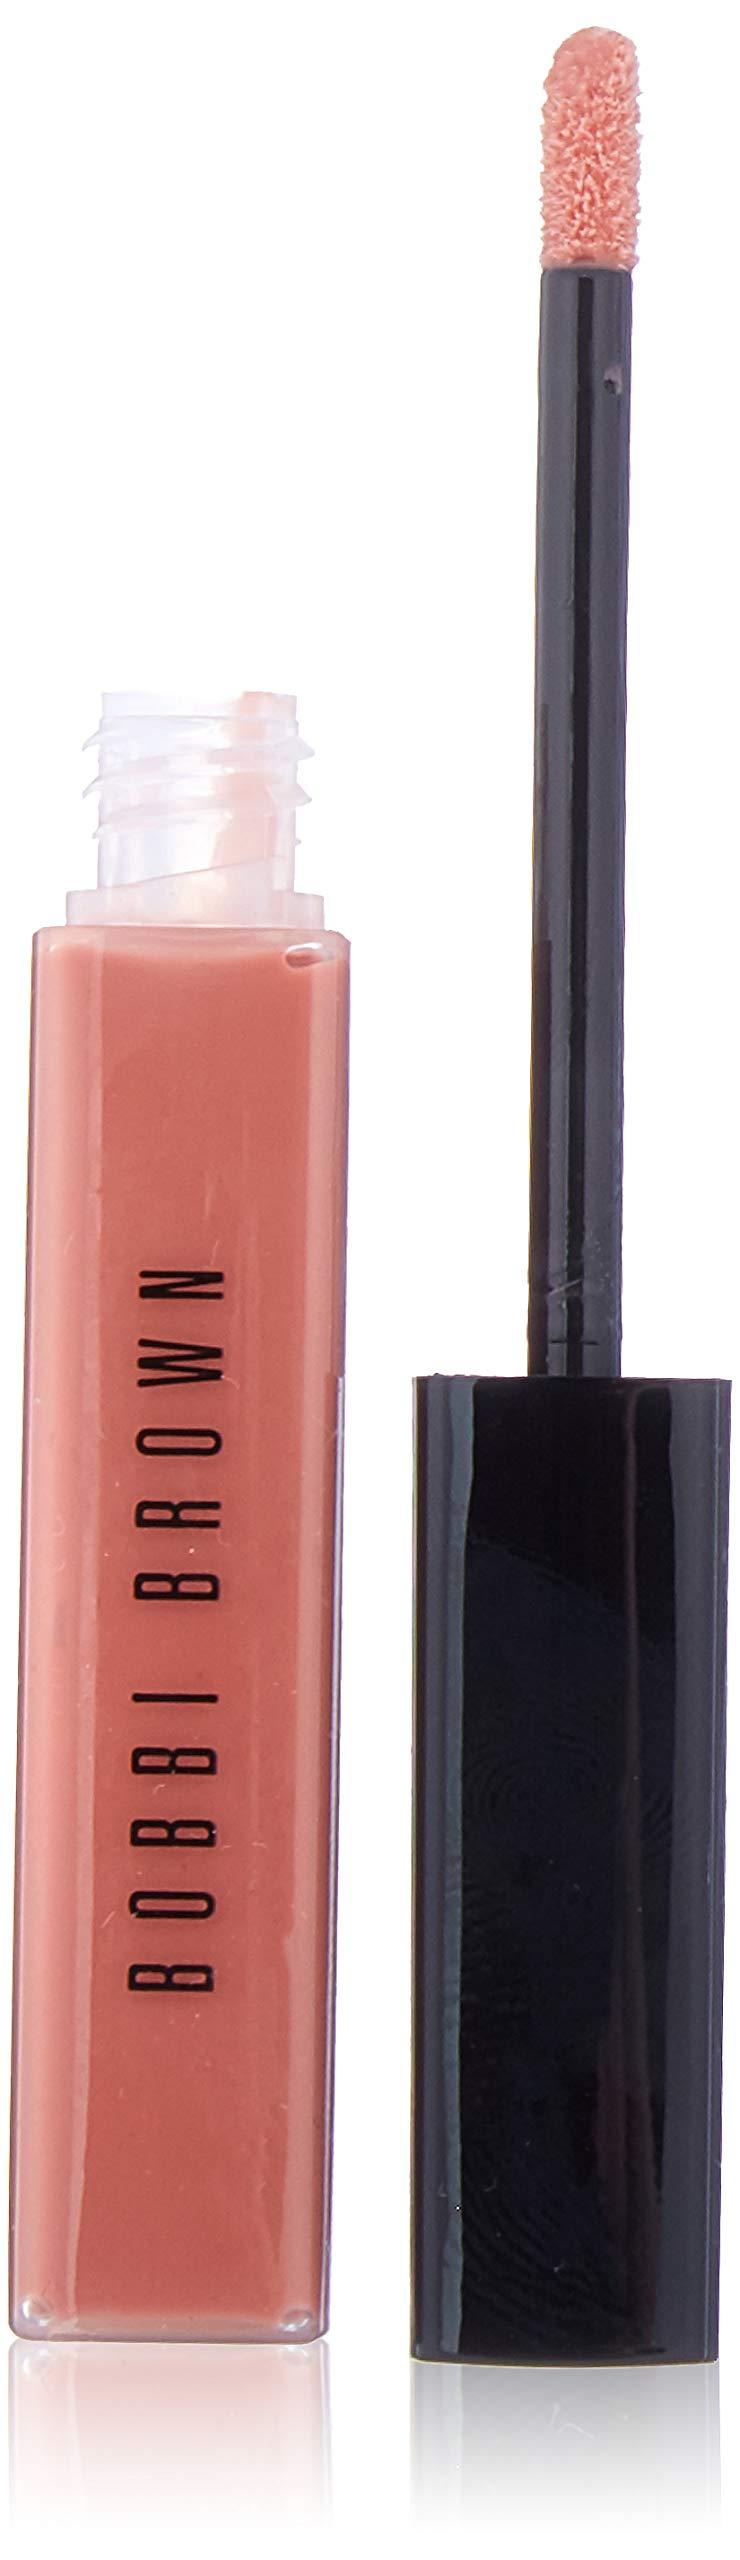 Bobbi Brown Lip Gloss 21 Pink Beige for Women, 0.24 Ounce